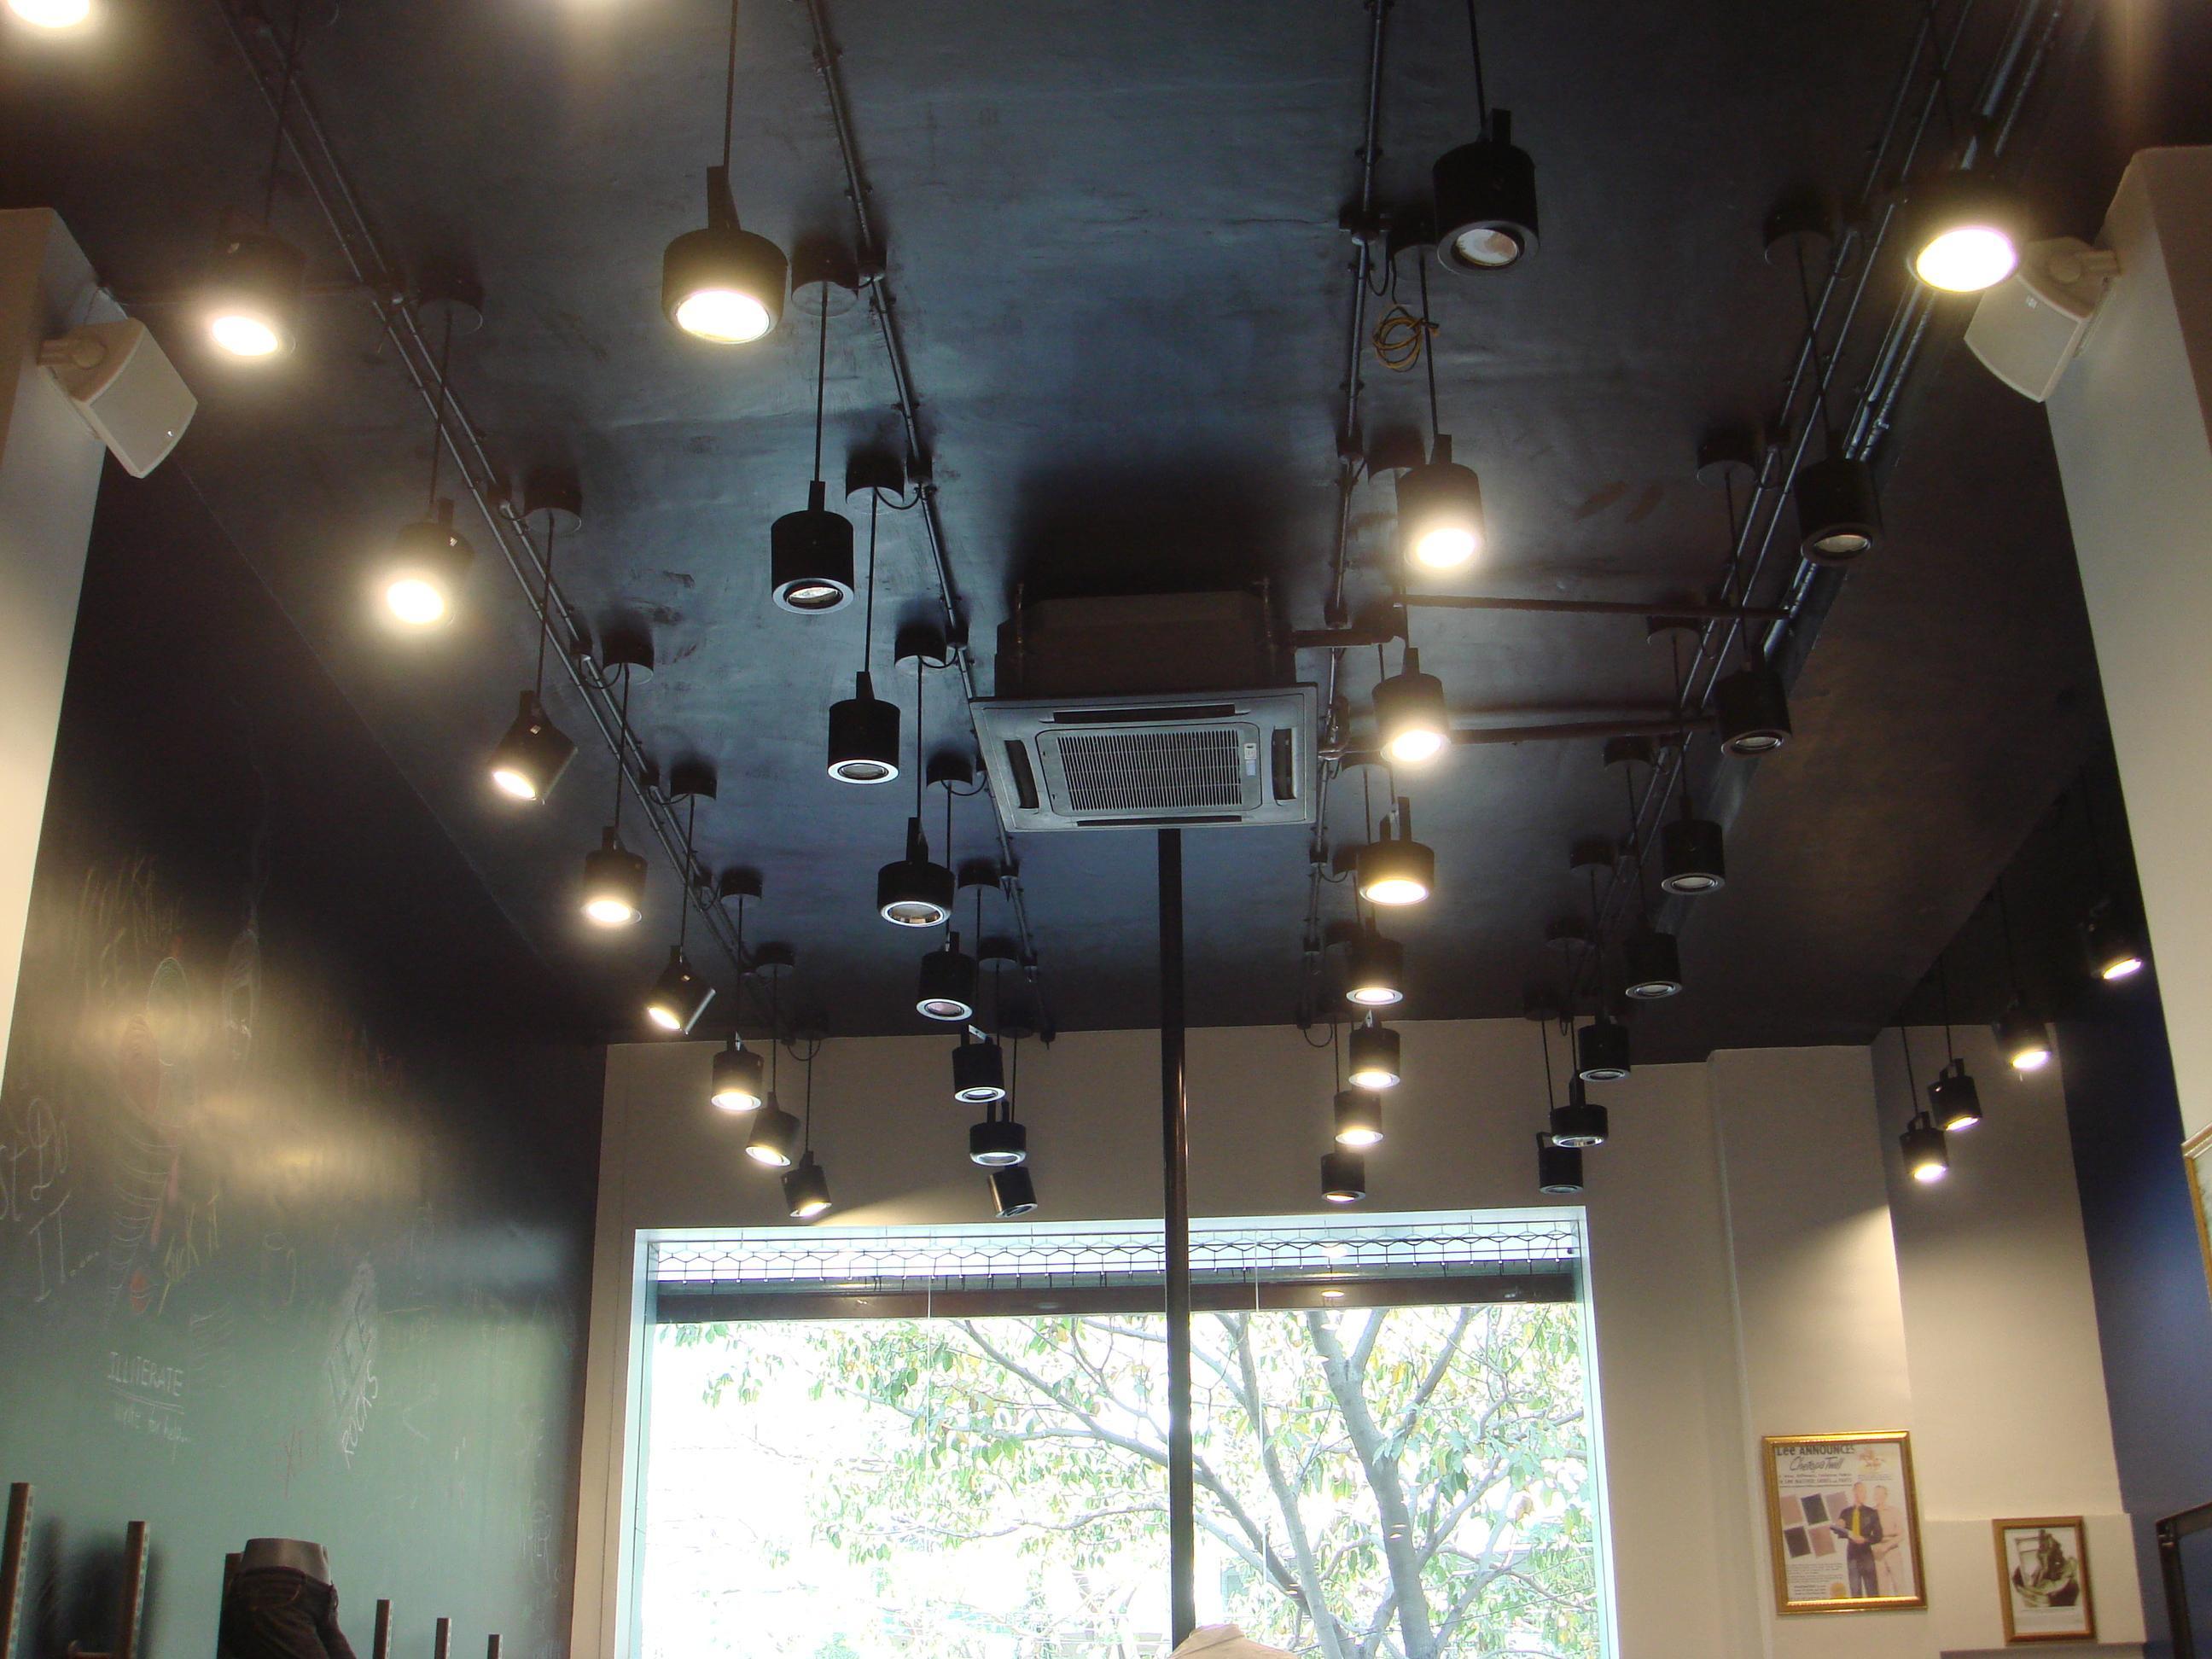 showroom surface lighting & showroom surface lighting - GharExpert